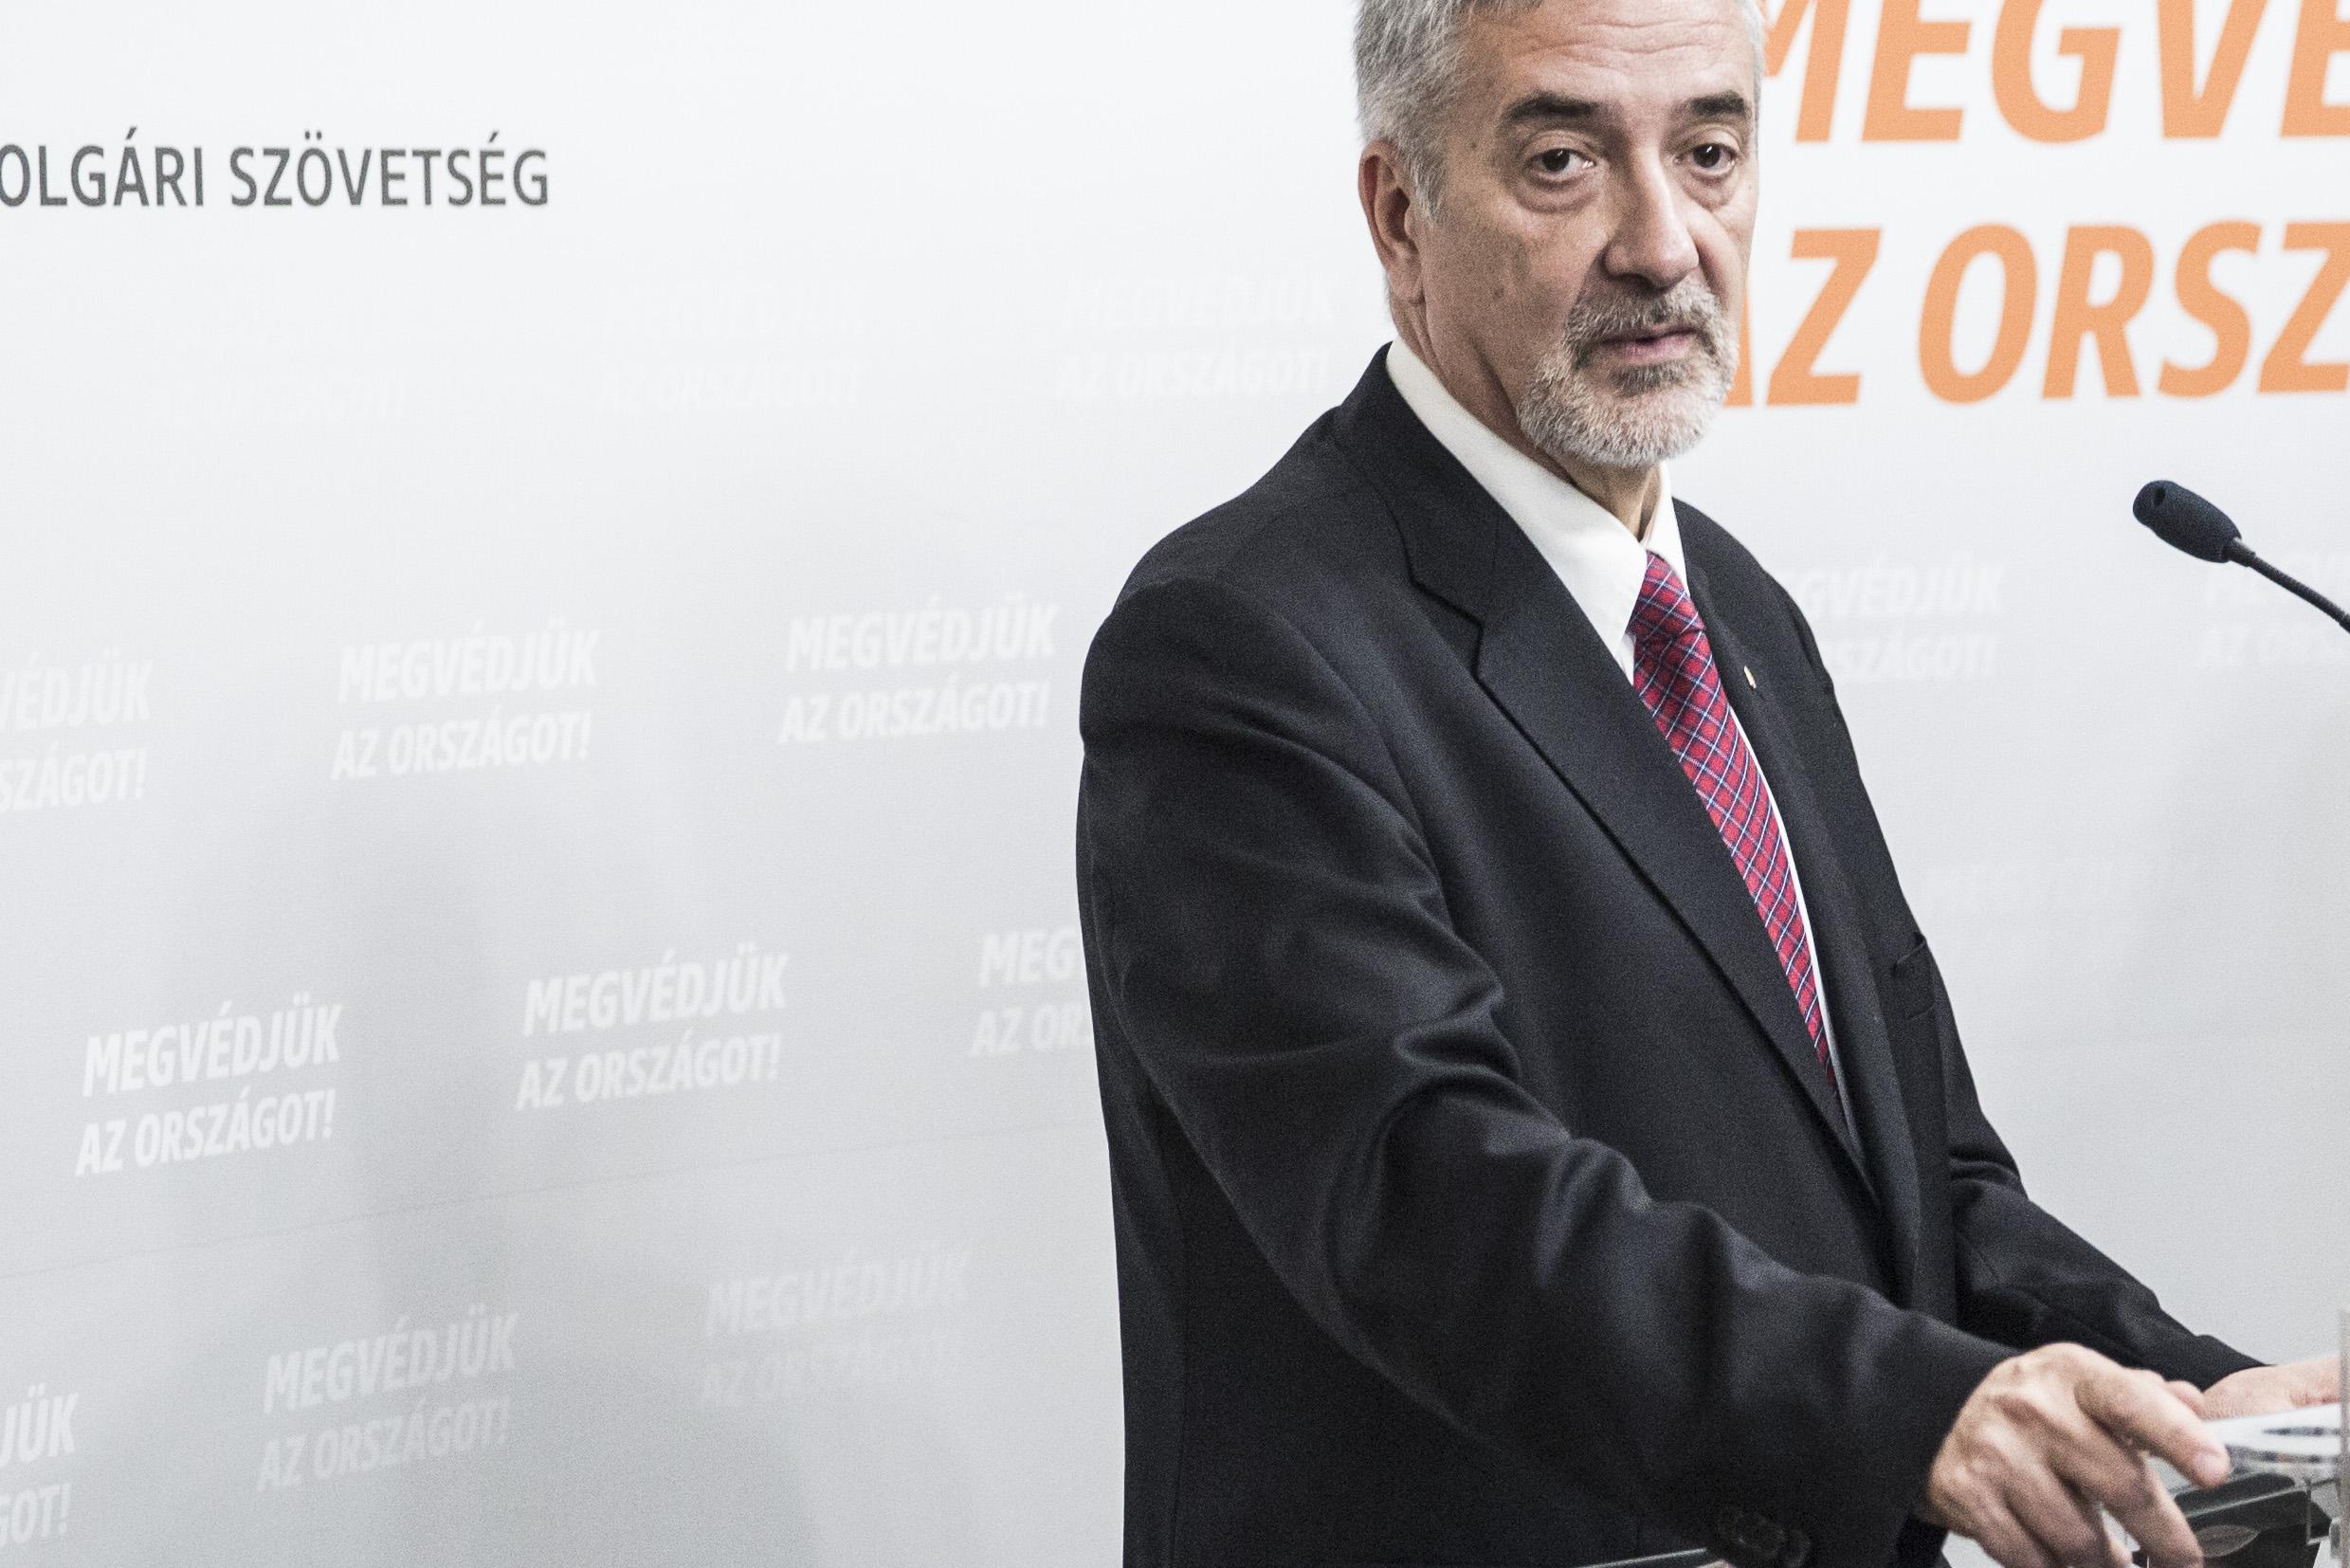 A Fidesz parlamenti frakciójának szóvivője majdnem kétszer annyit költött egy Mercedes hobbiterepjáróra, mint a teljes évi bevétele